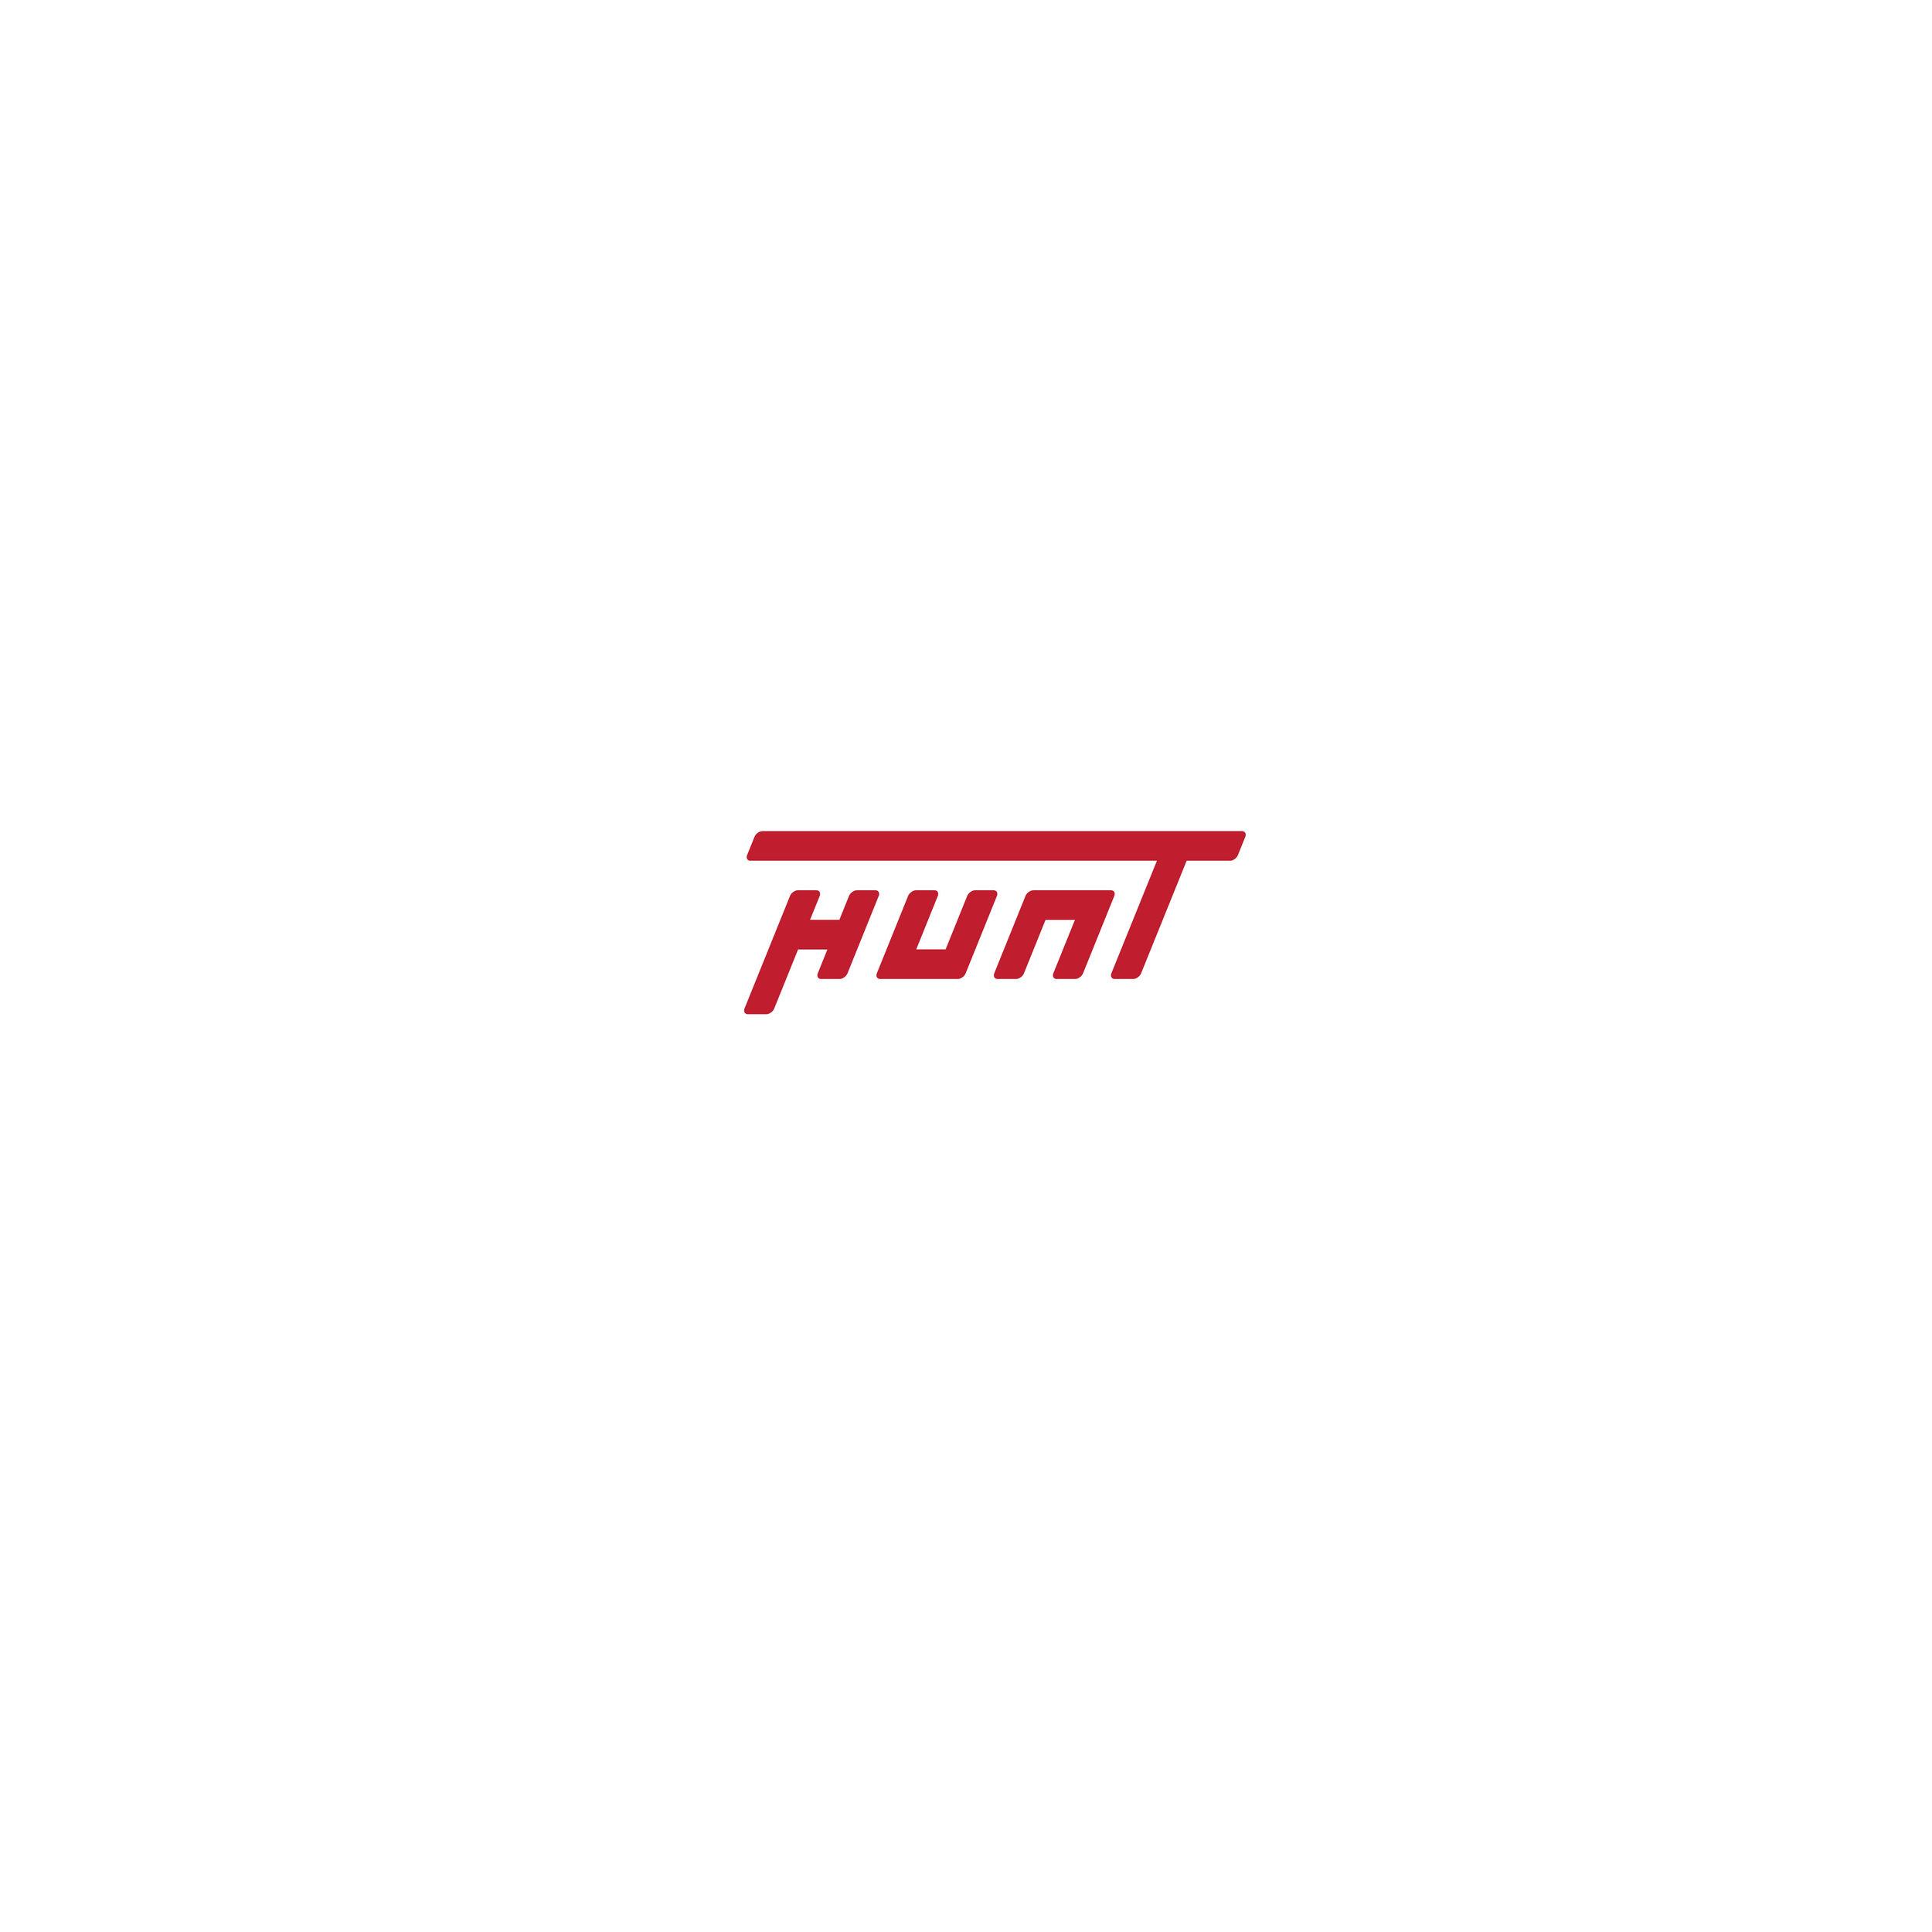 HUNT LOGO DESIGN FINALE-09.jpg